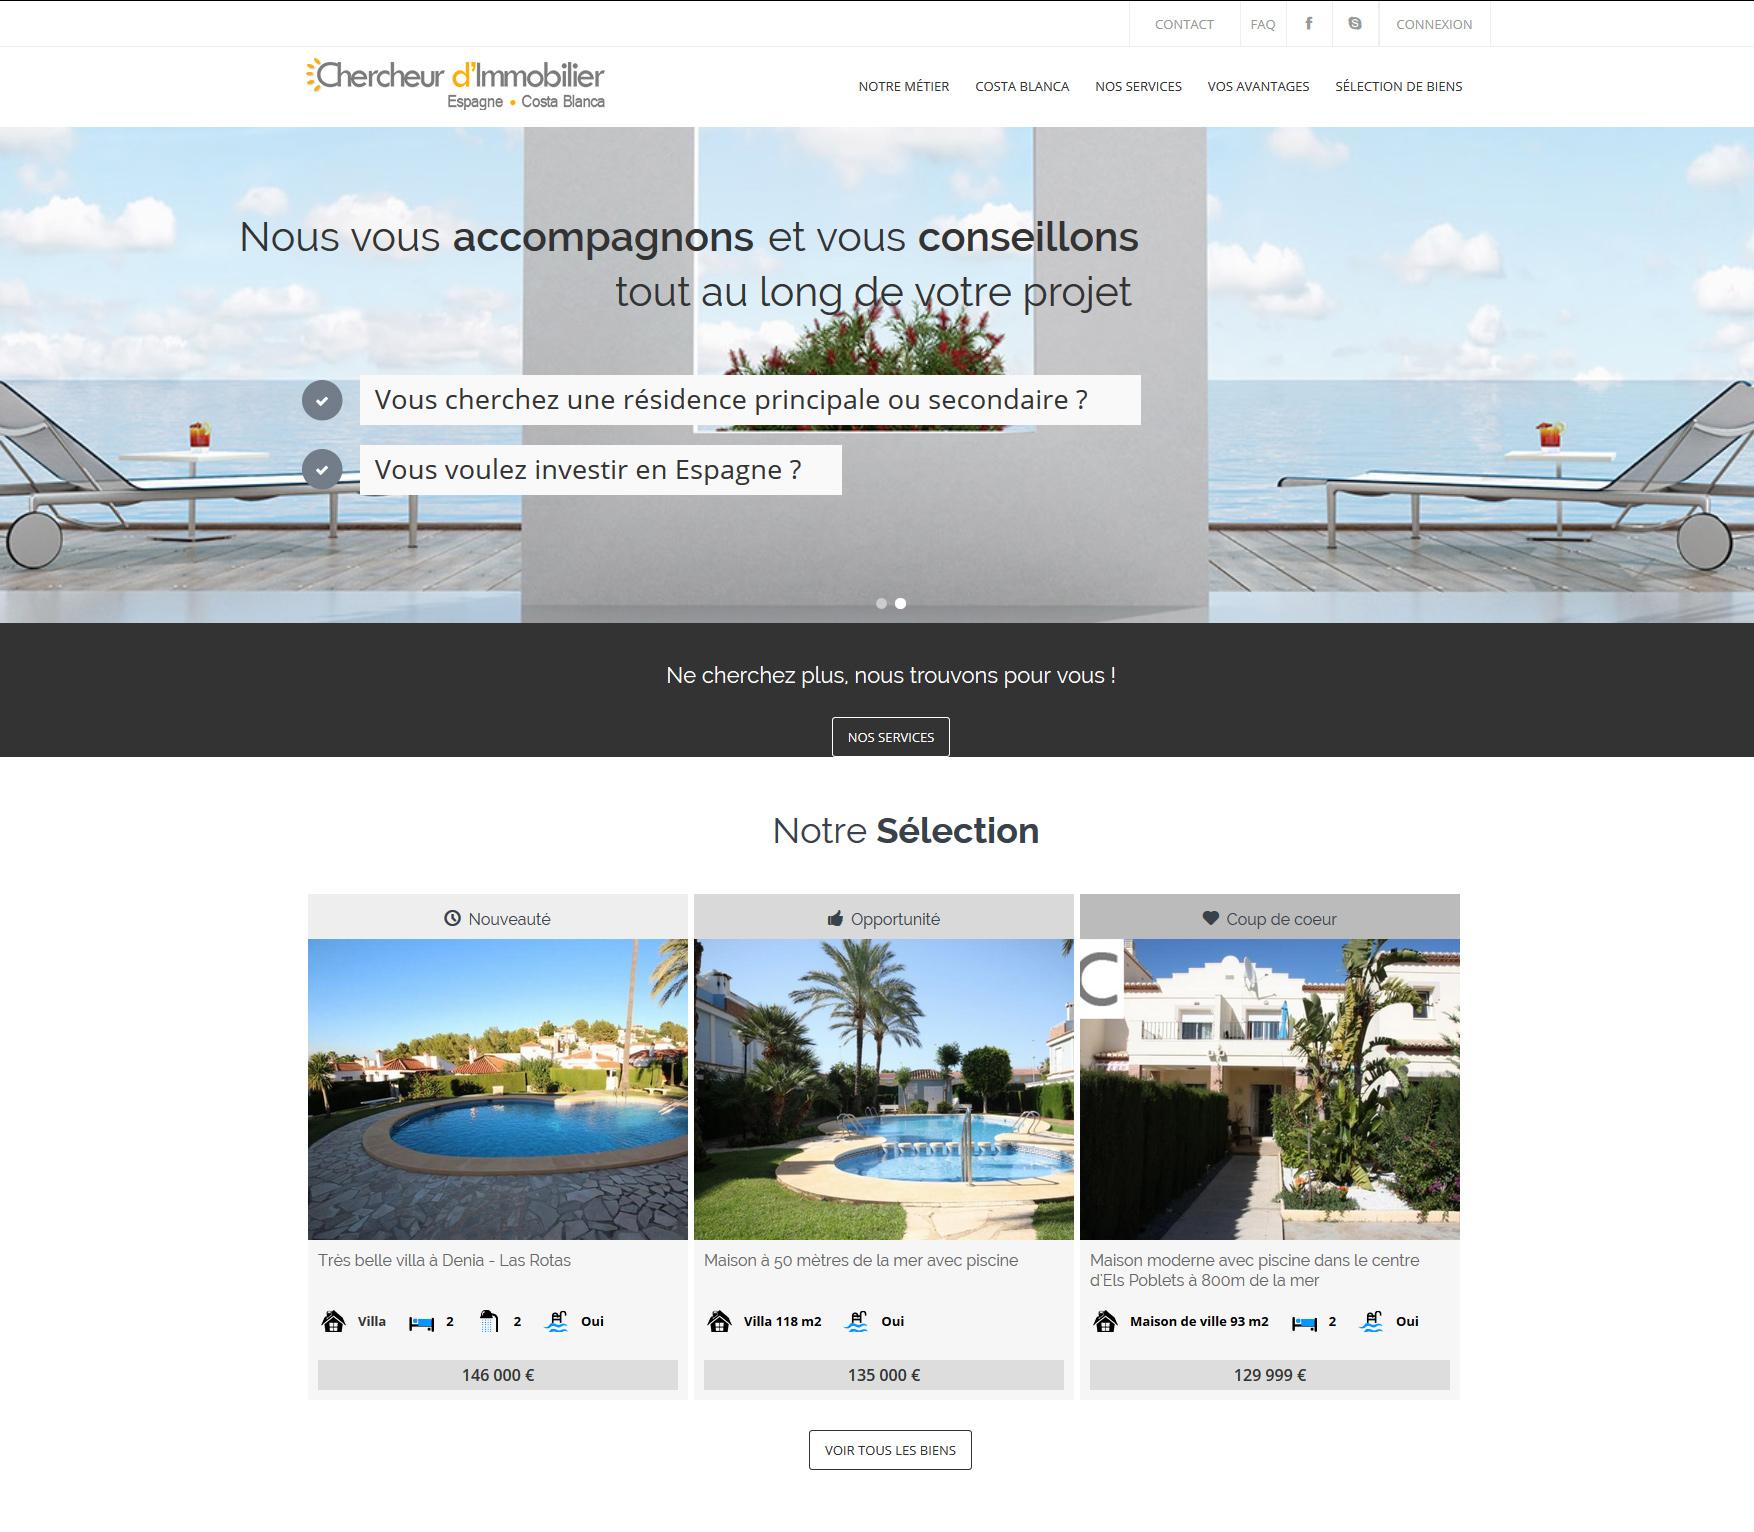 Signature de Luxe - Website - Chercheur Immobilier Espagne